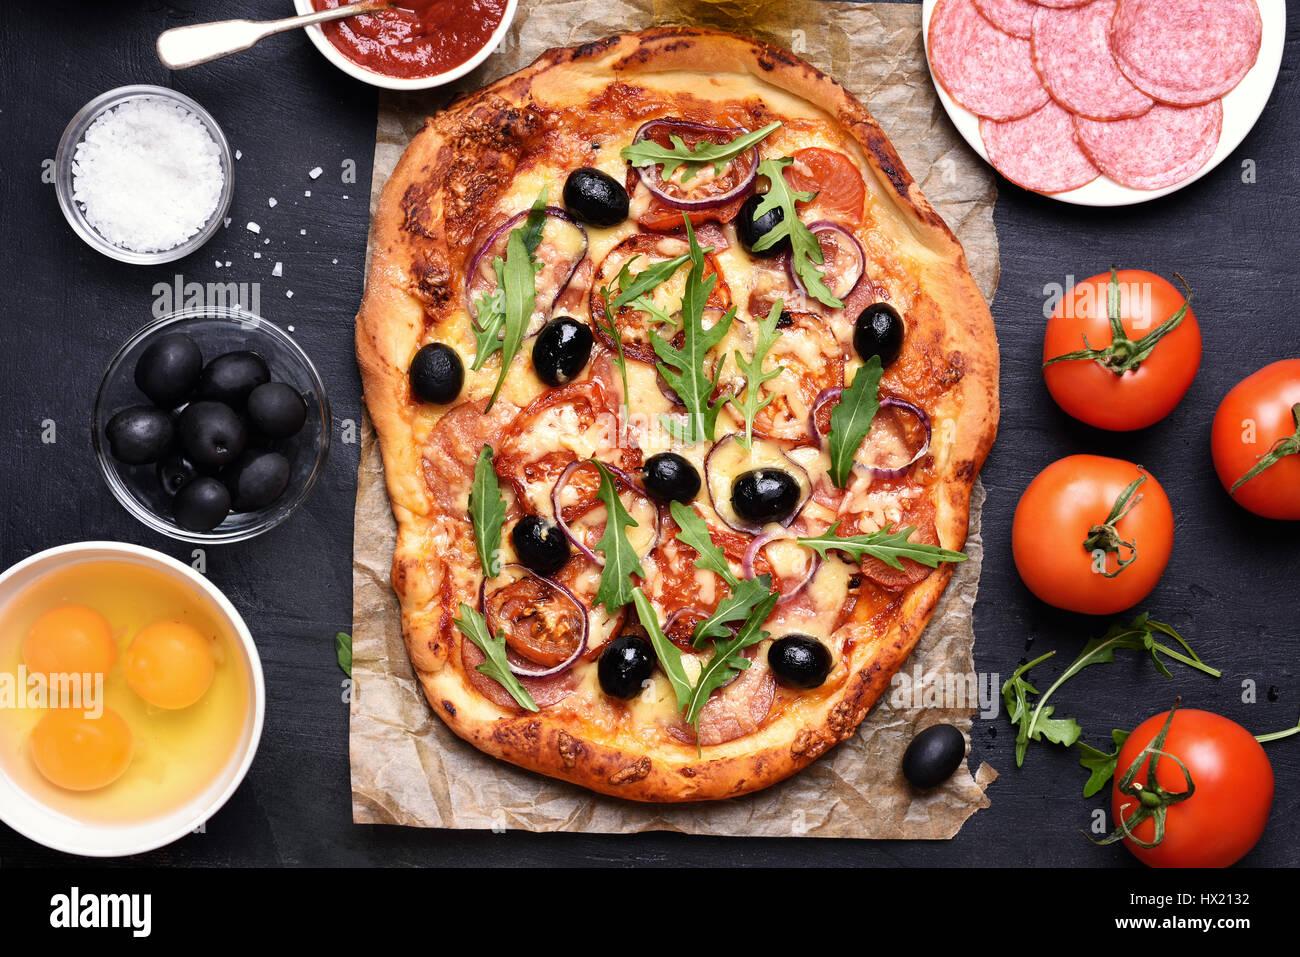 Pizza con tomate, salami y aceitunas sobre fondo negro, vista superior Foto de stock